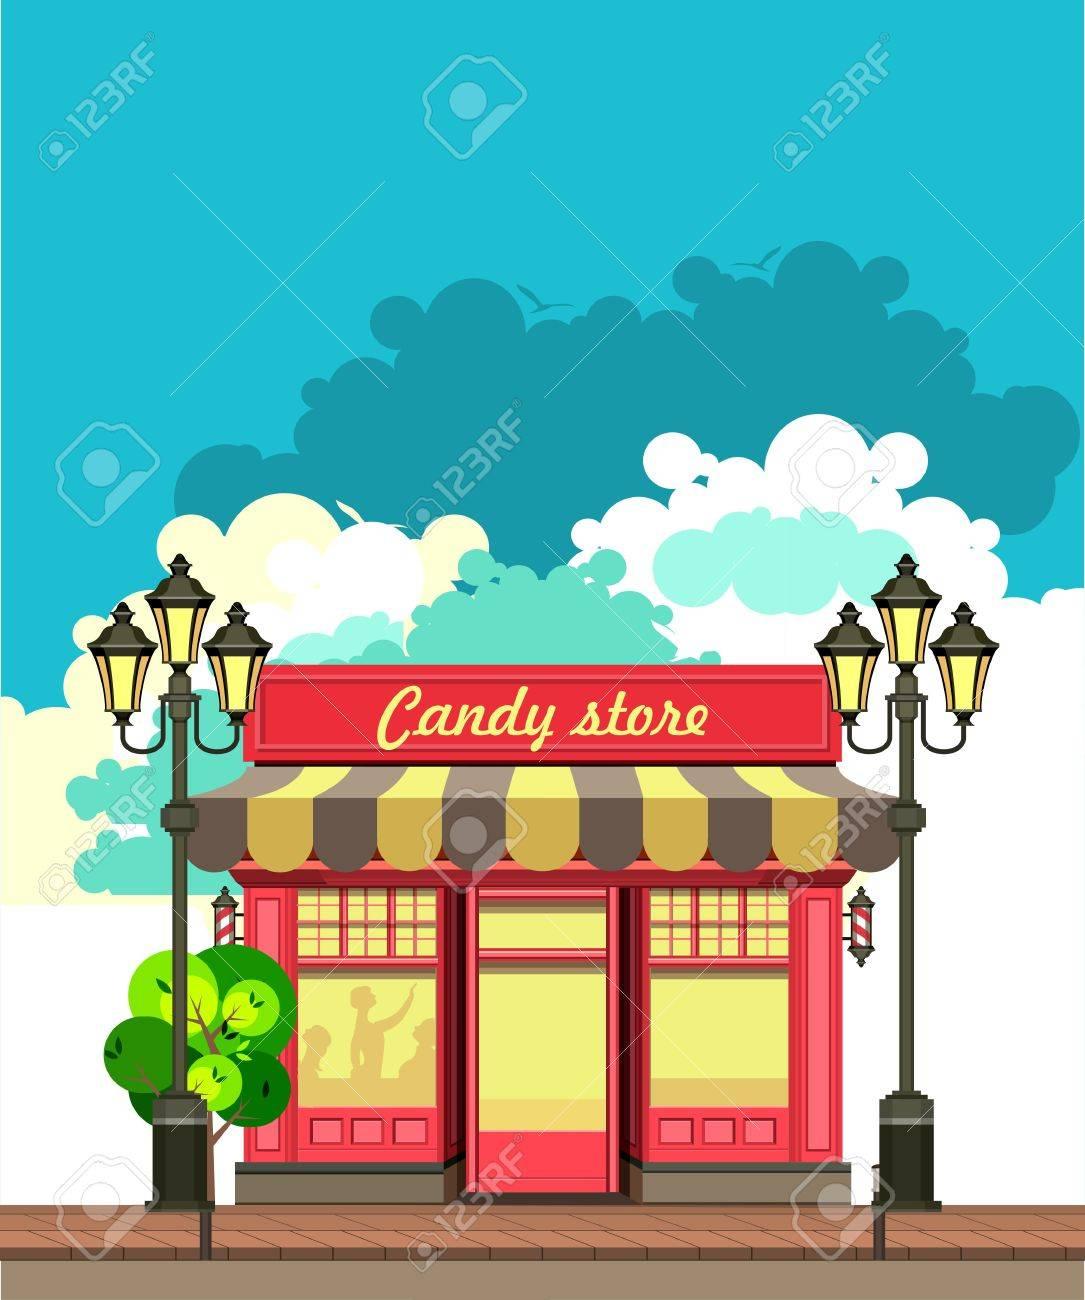 ベクトル イラスト街小さな駄菓子屋 写真素材 , 52616968